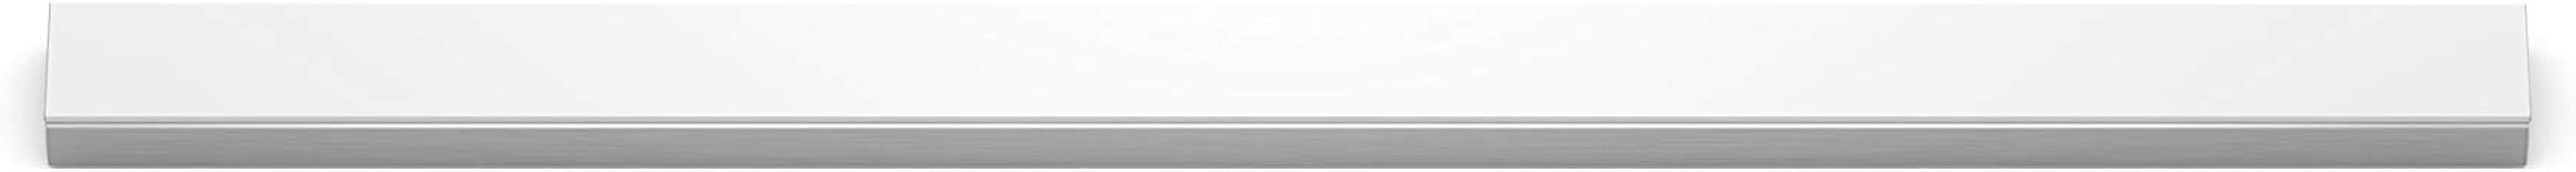 marcas en línea venta barata Balay Balay Balay Siemens LZ46520 accesorio para campana de estufa  barato y de moda